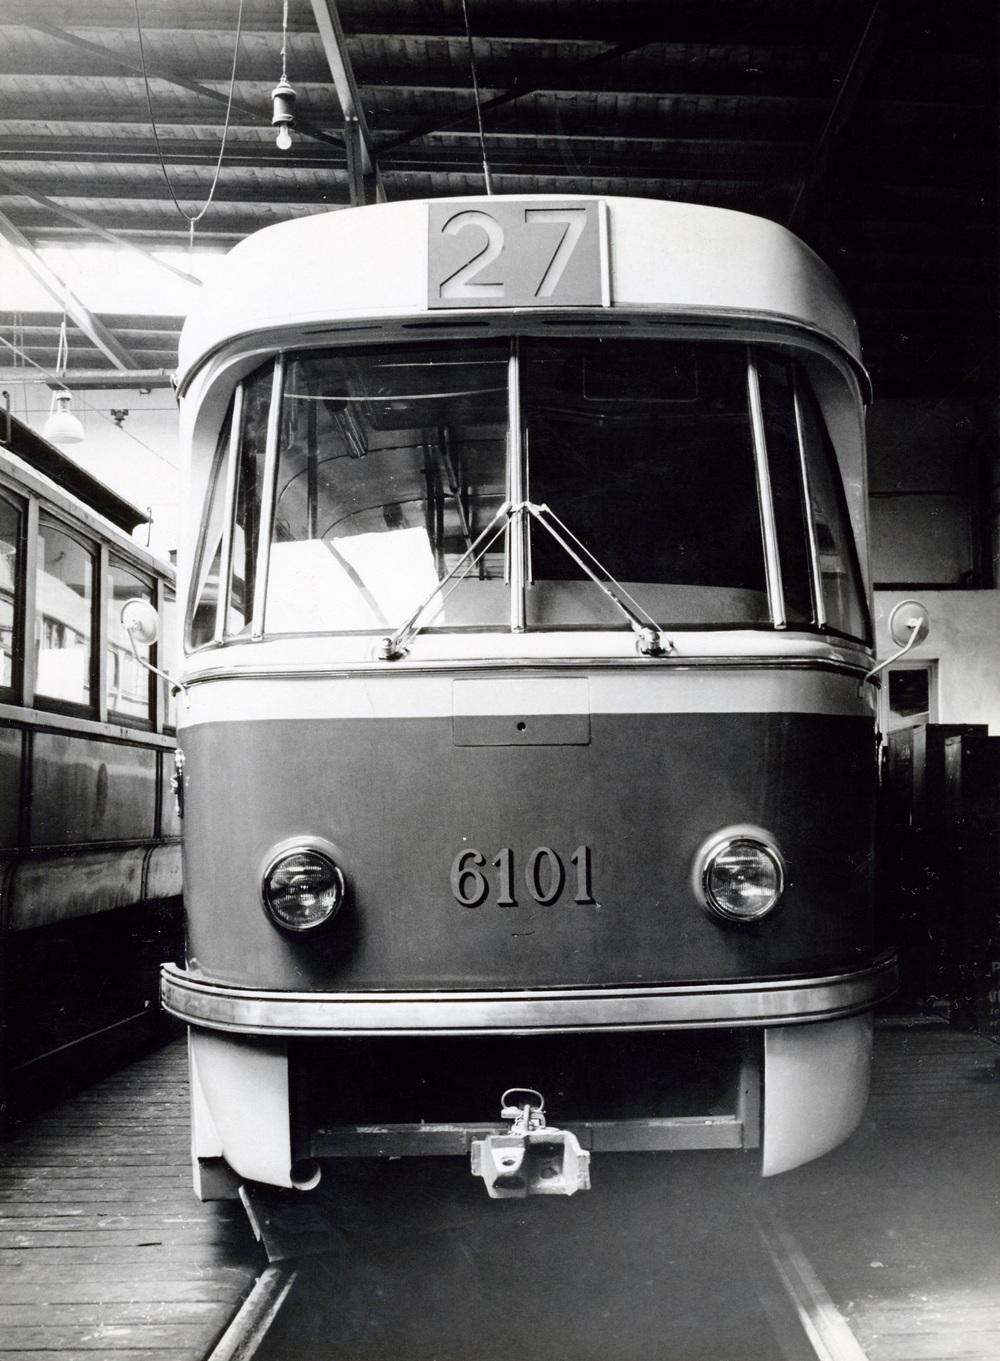 Vůz T3 po opravě v roce 1963. Tramvaj získala zkušební transparent a nové zasklení pomocí šesti rovných skel. (sbírka: Libor Hinčica)